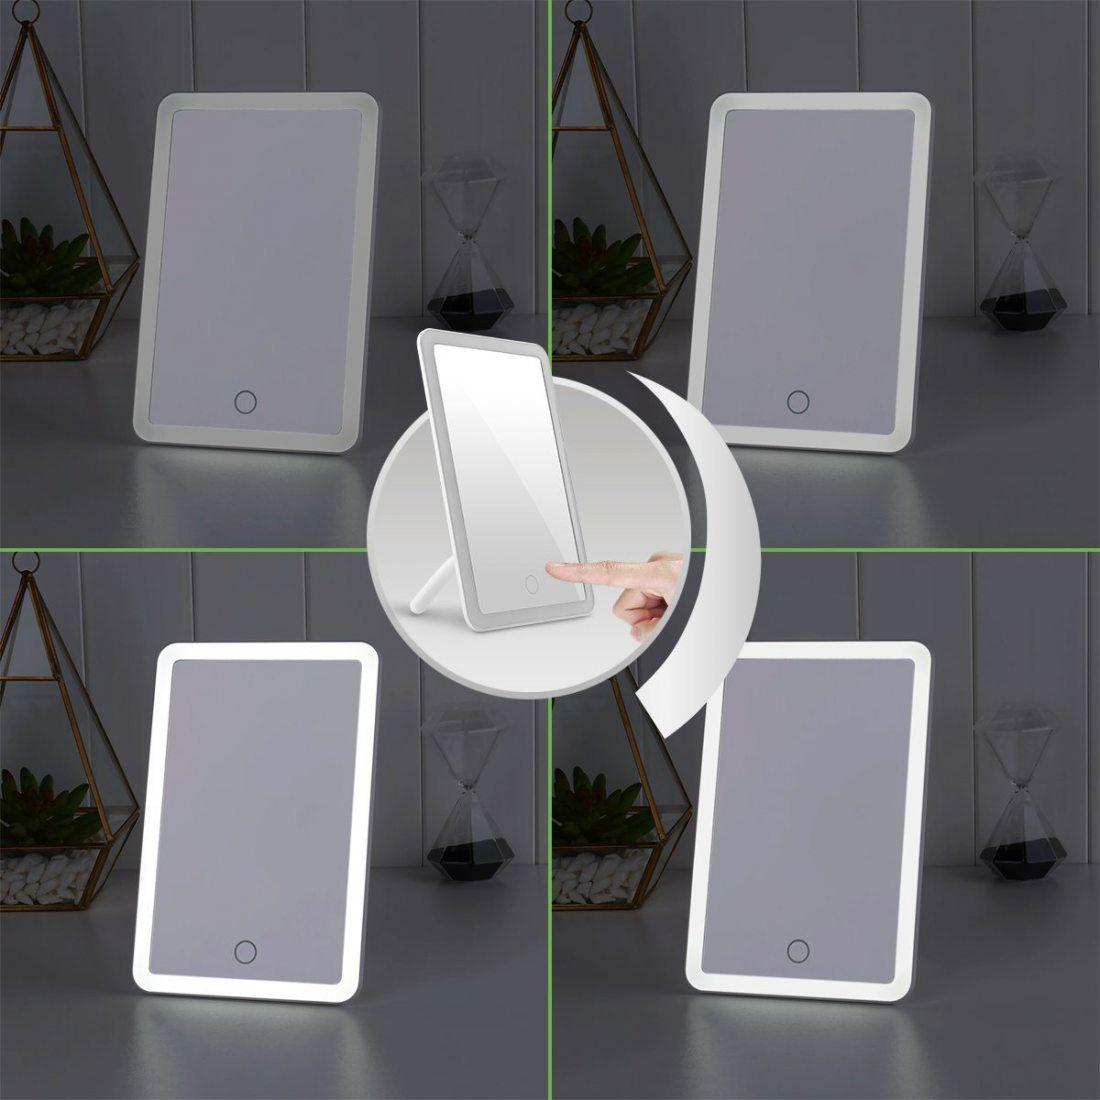 LE Miroir Lumineux LED, Miroir de Poche, Tactile, Rechargeable USB 600mAh, Luminosité Réglable 5500K, Esthétique pour Maquill